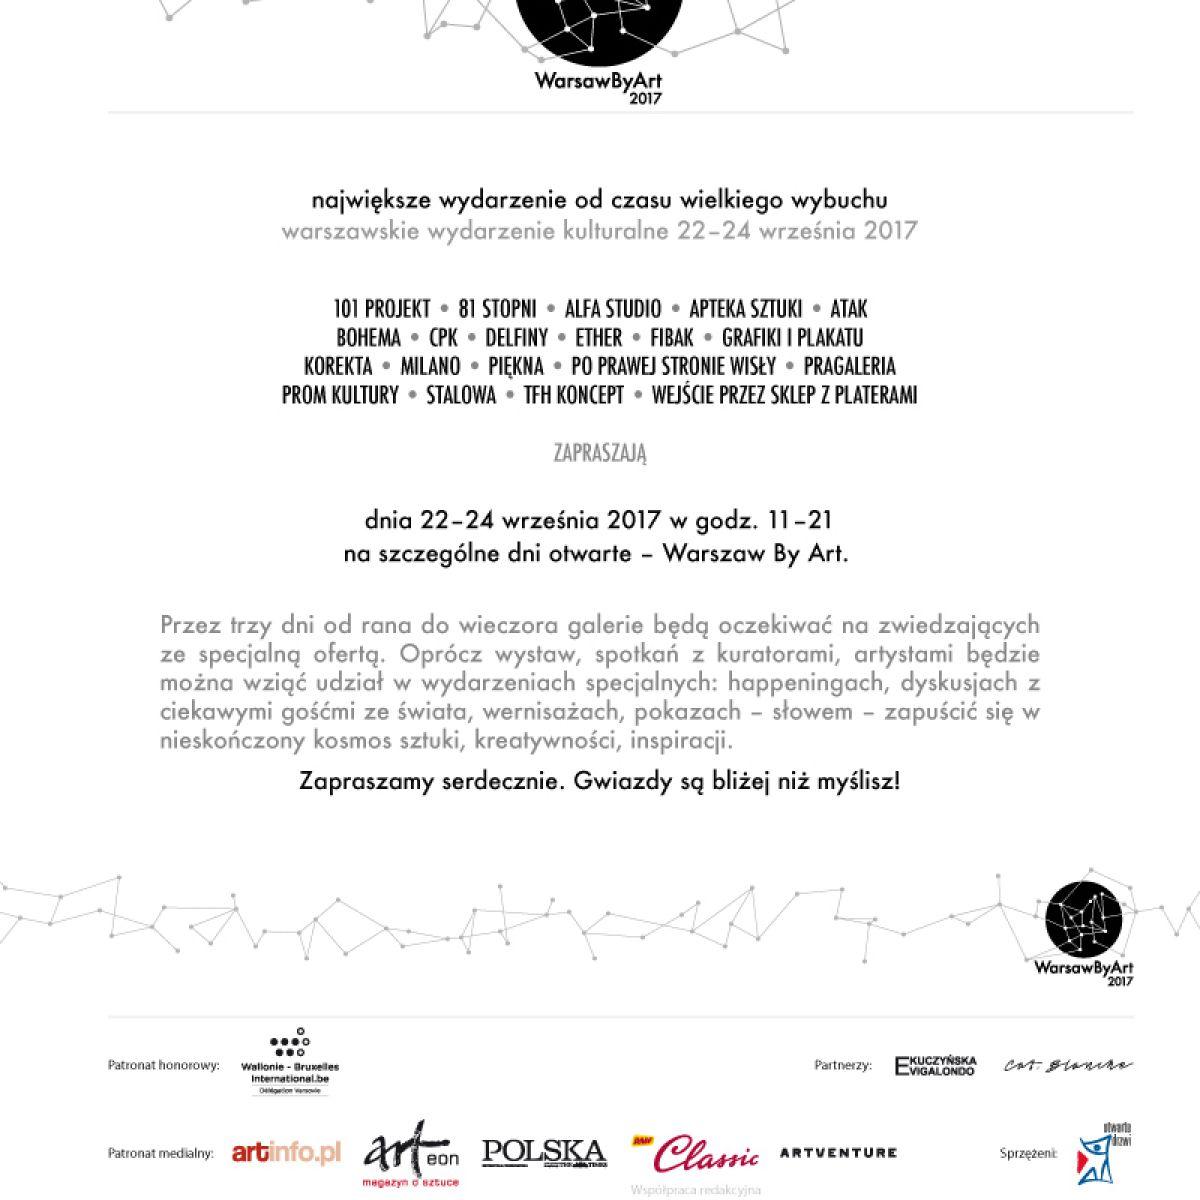 KLASYKA WSPÓŁCZESNOŚCI: Wystawa w ramach warszawskiego wydarzenia kulturalnego Warsaw by Art 2017